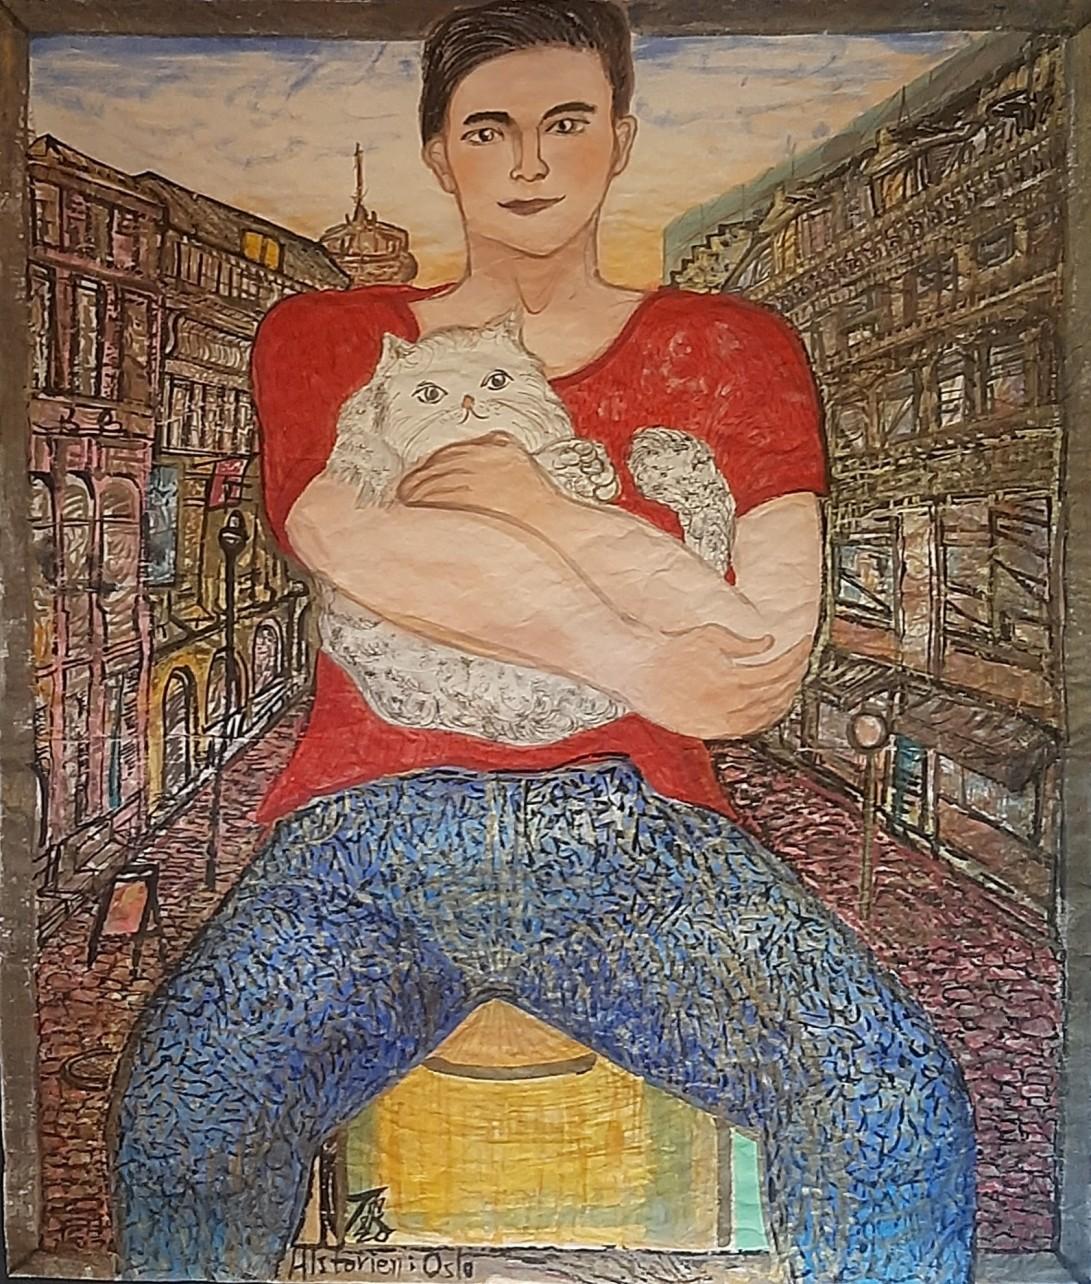 01 Mannen og katten hans, 157cmx134cm papir og vann-besert pigment